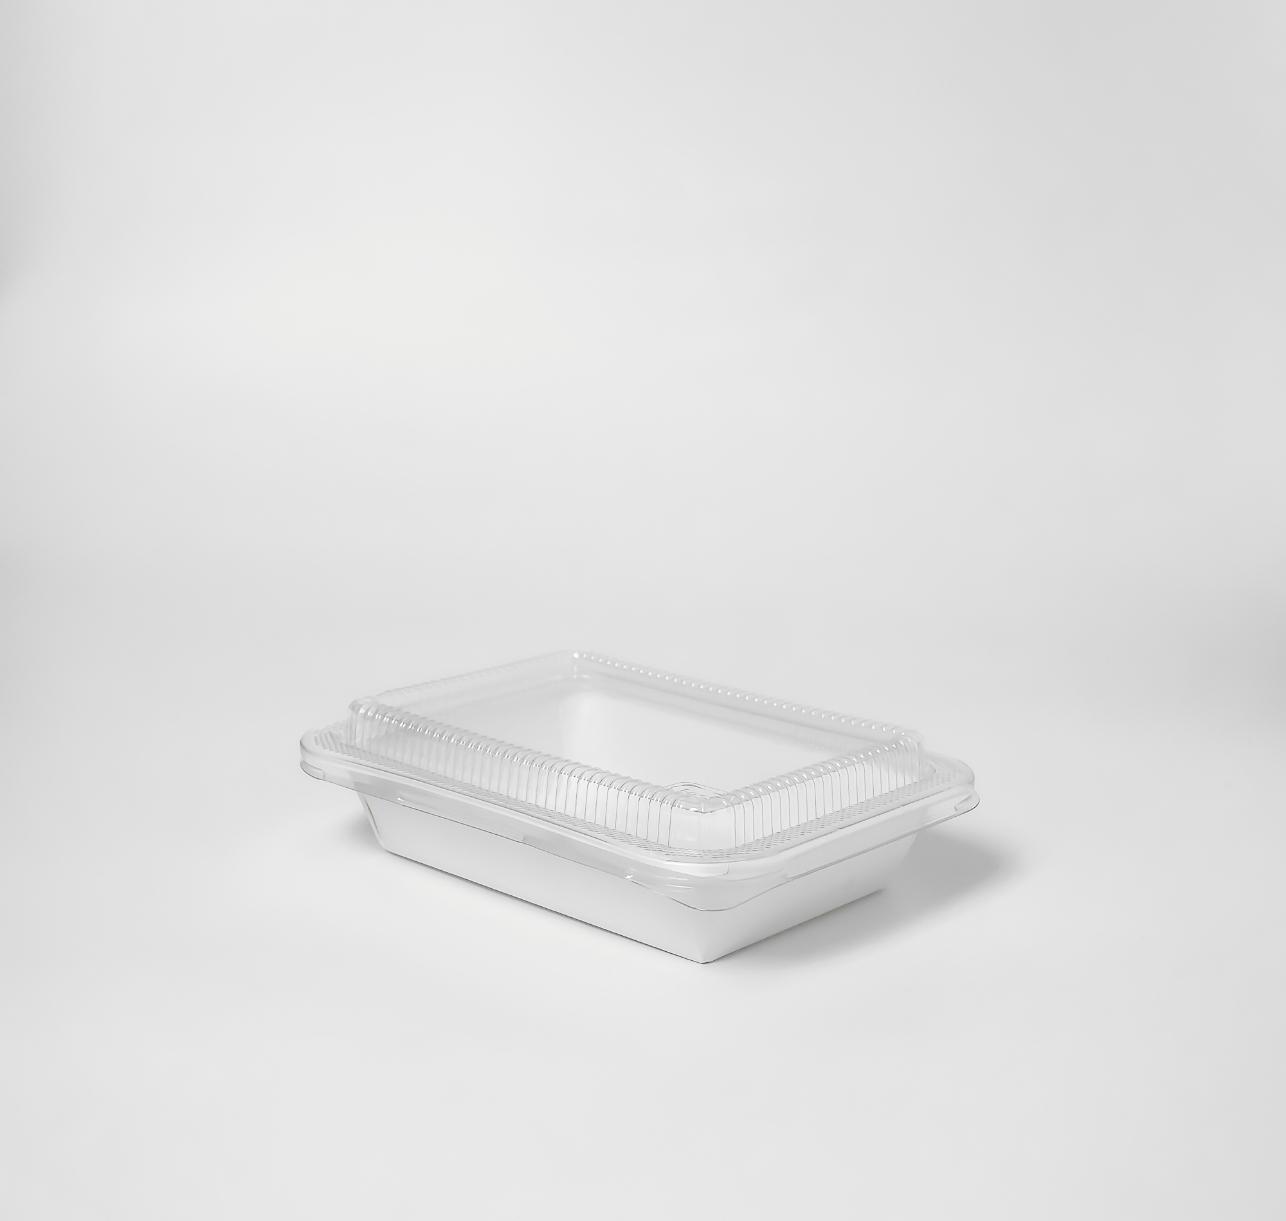 กล่องอาหารกระดาษ ฝาใส 650ml